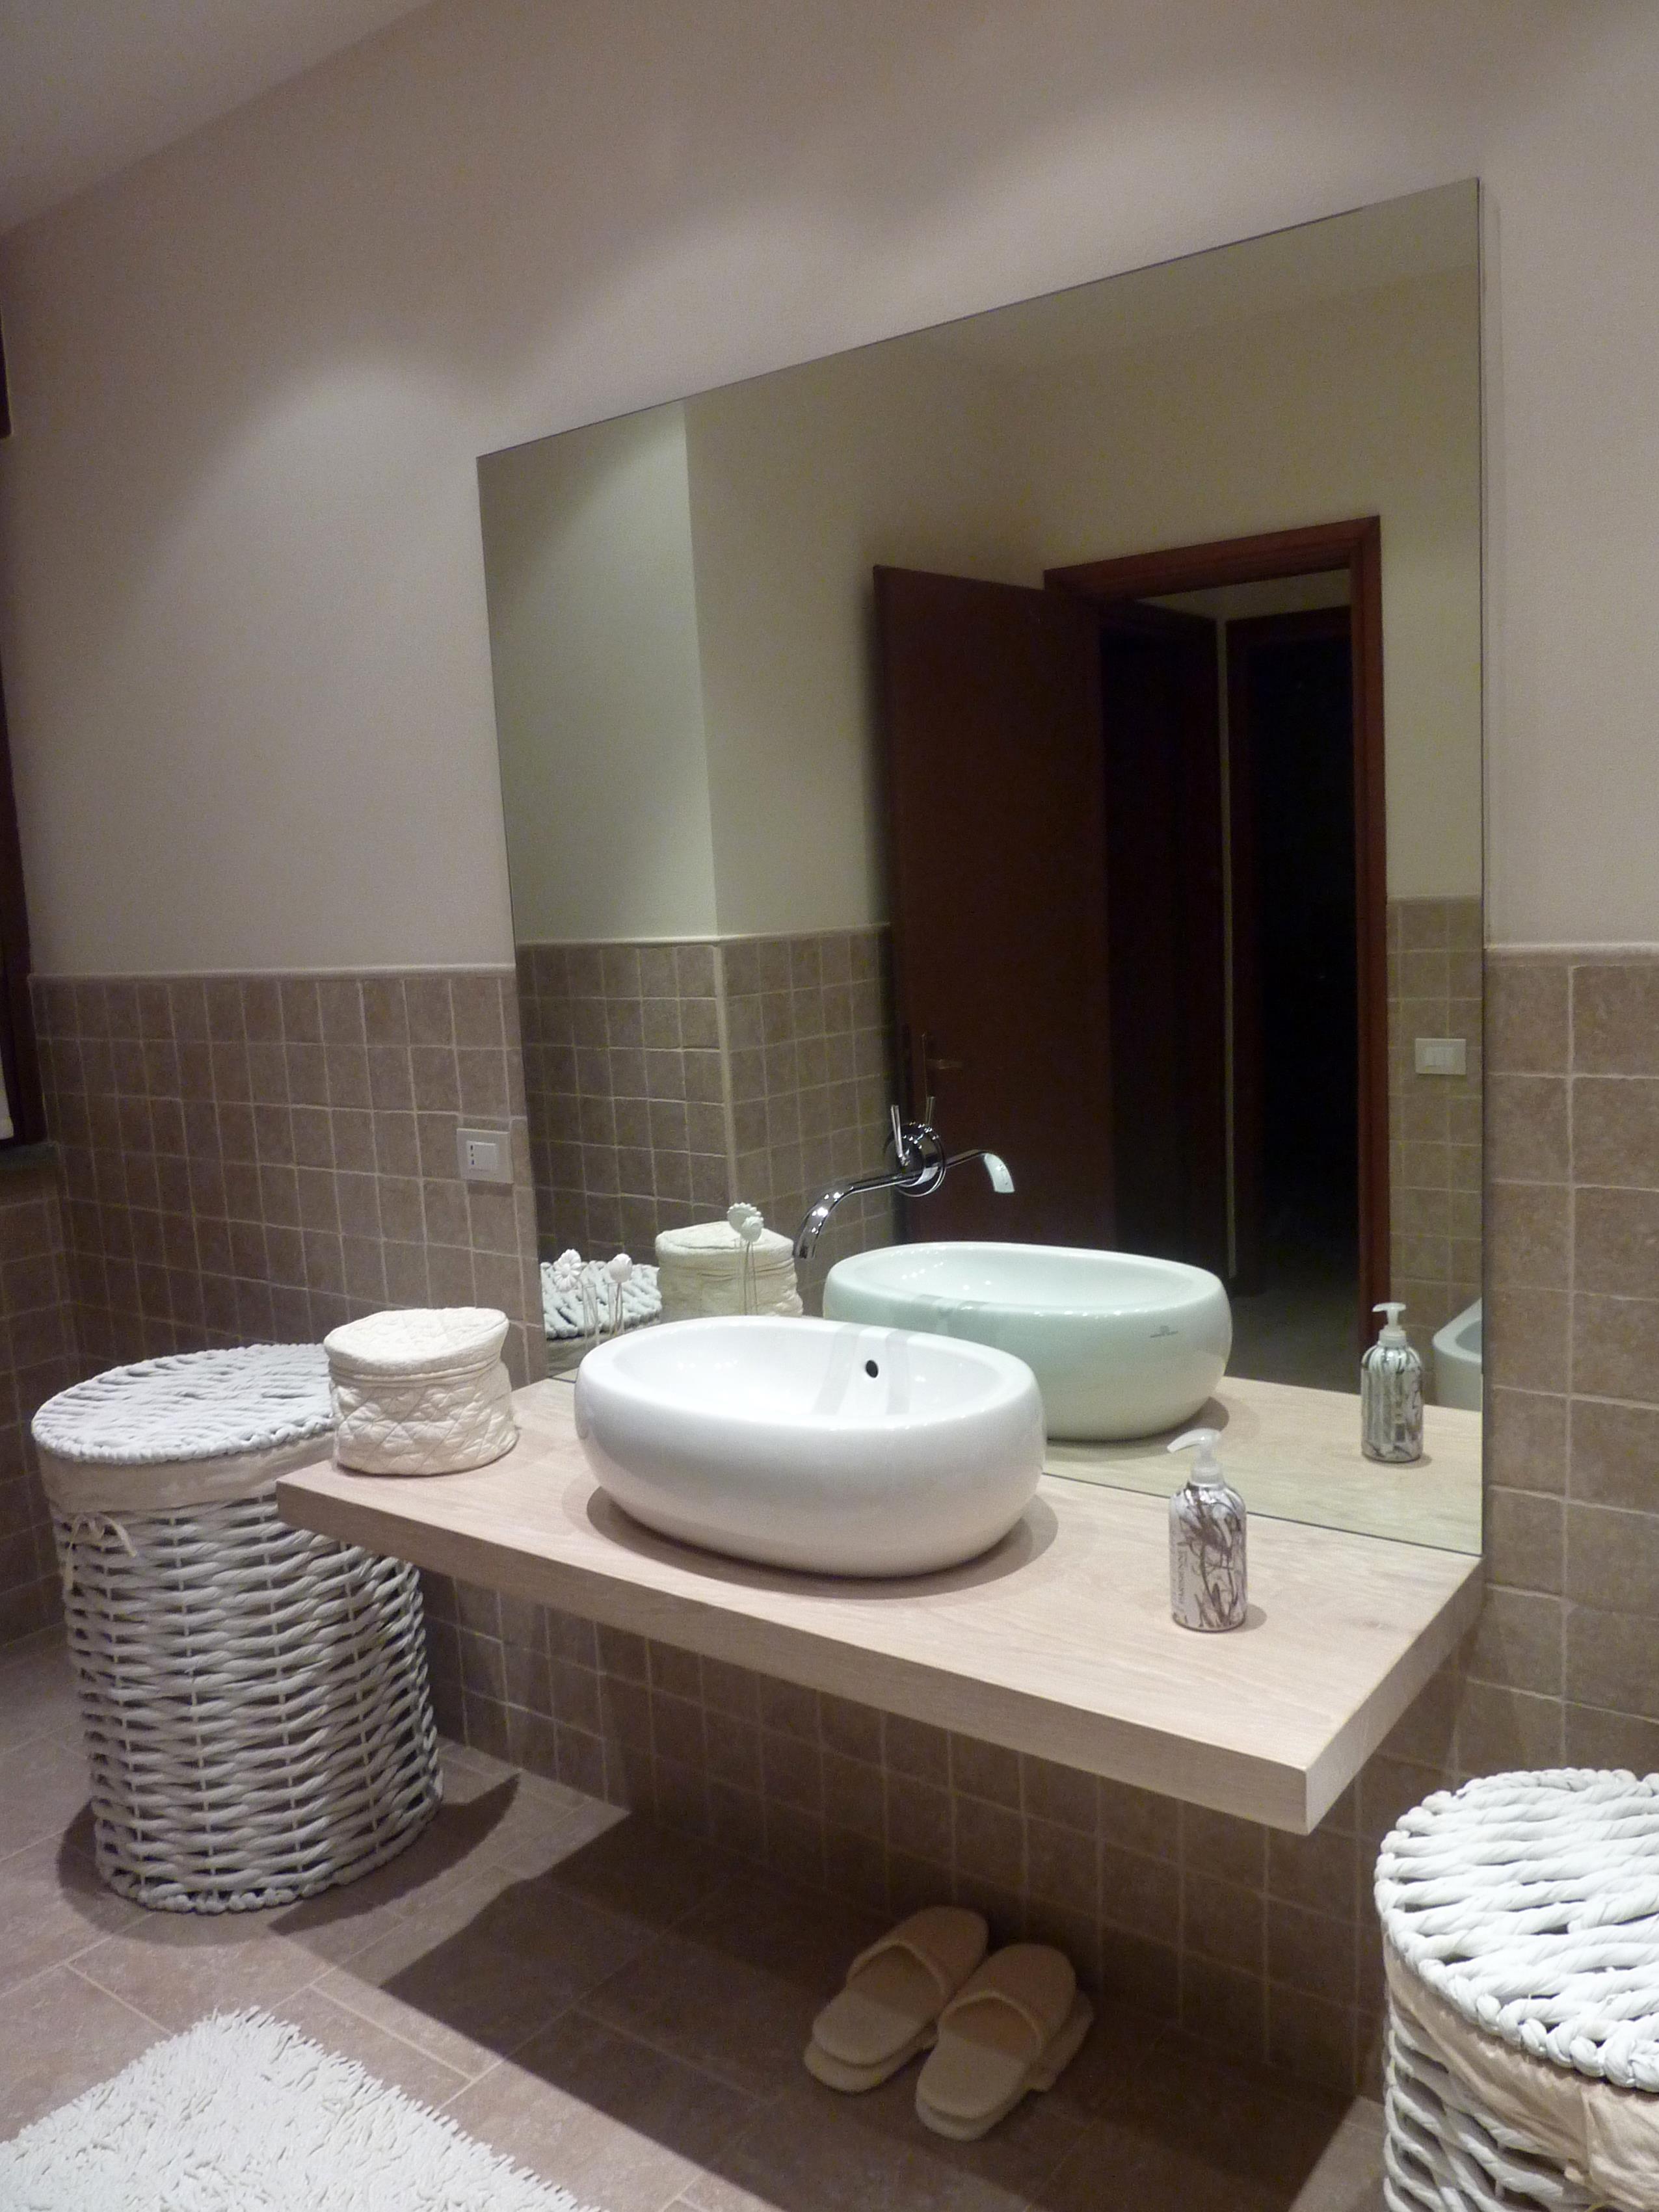 Bagno - Specchio con mensola bagno ...